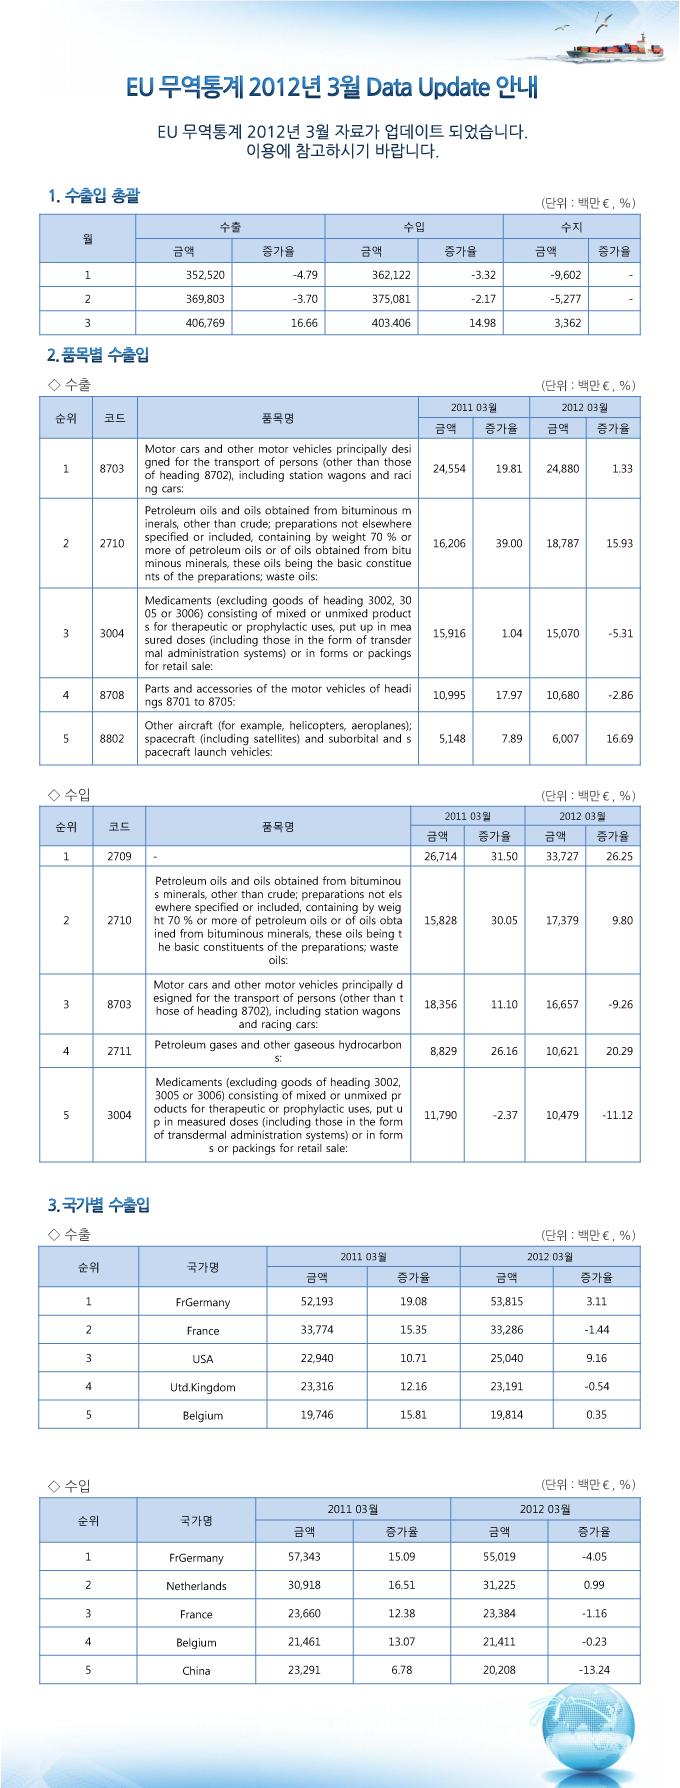 EU 무역통계 업데이트 안내 (2012년 3월 분)